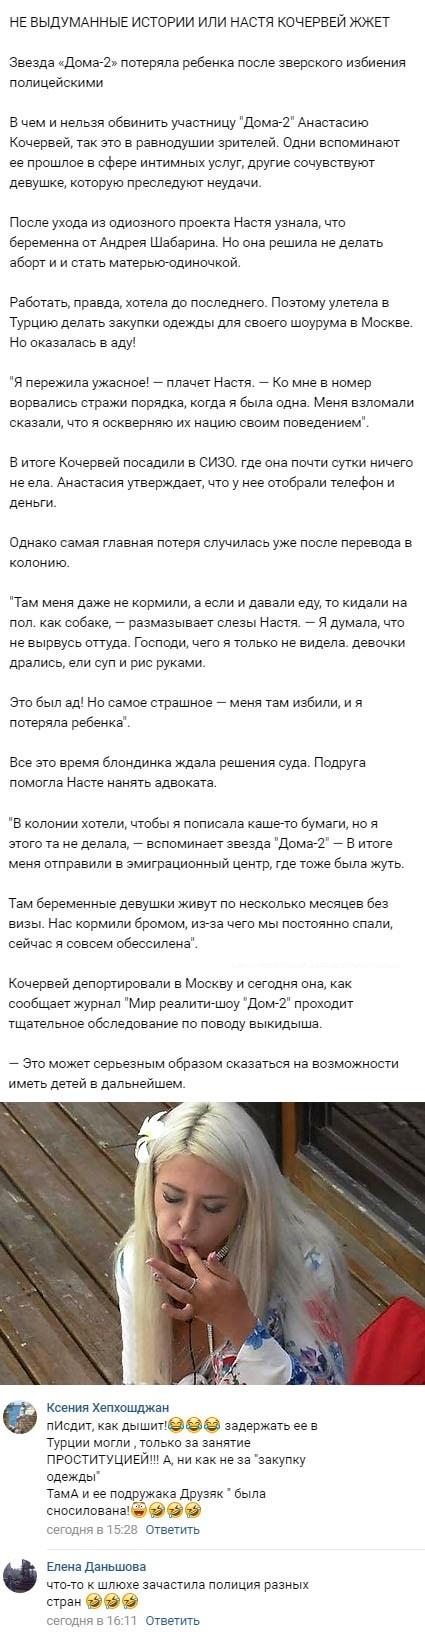 Анастасия Кочервей потеряла ребёнка после сильнейшего избиения